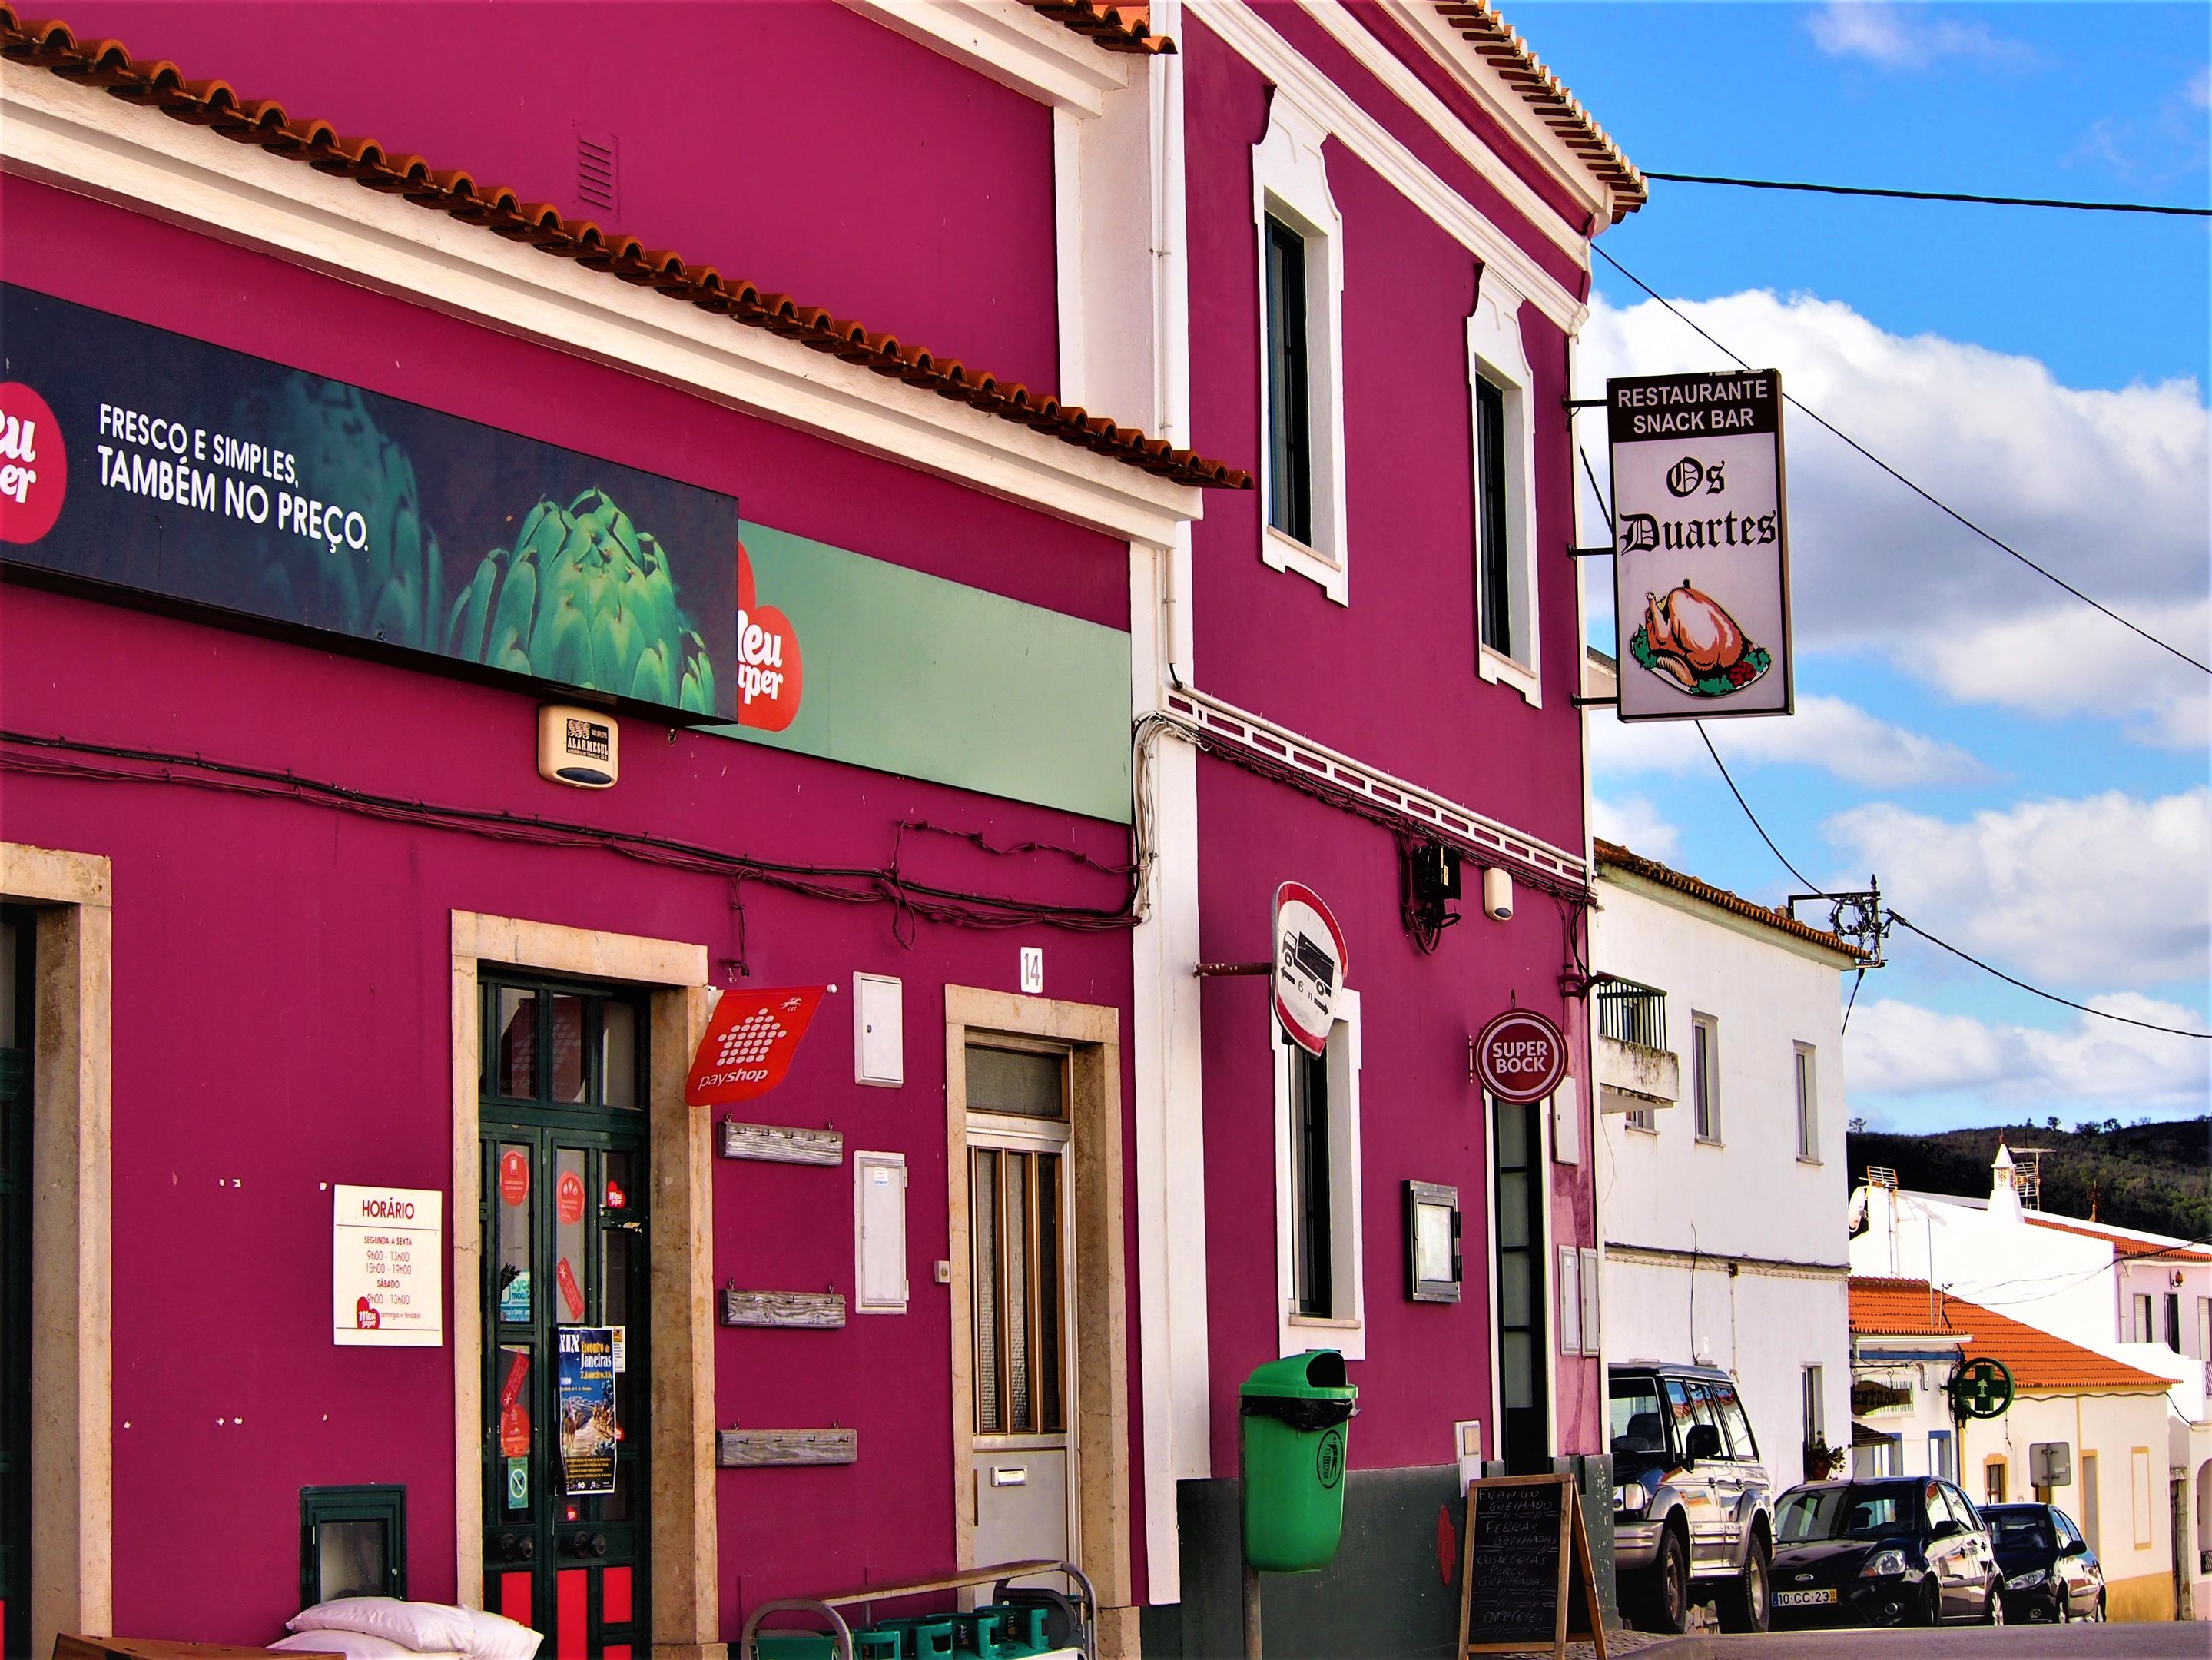 Os Duartes restaurant, São Marcos da Serra, Algarve